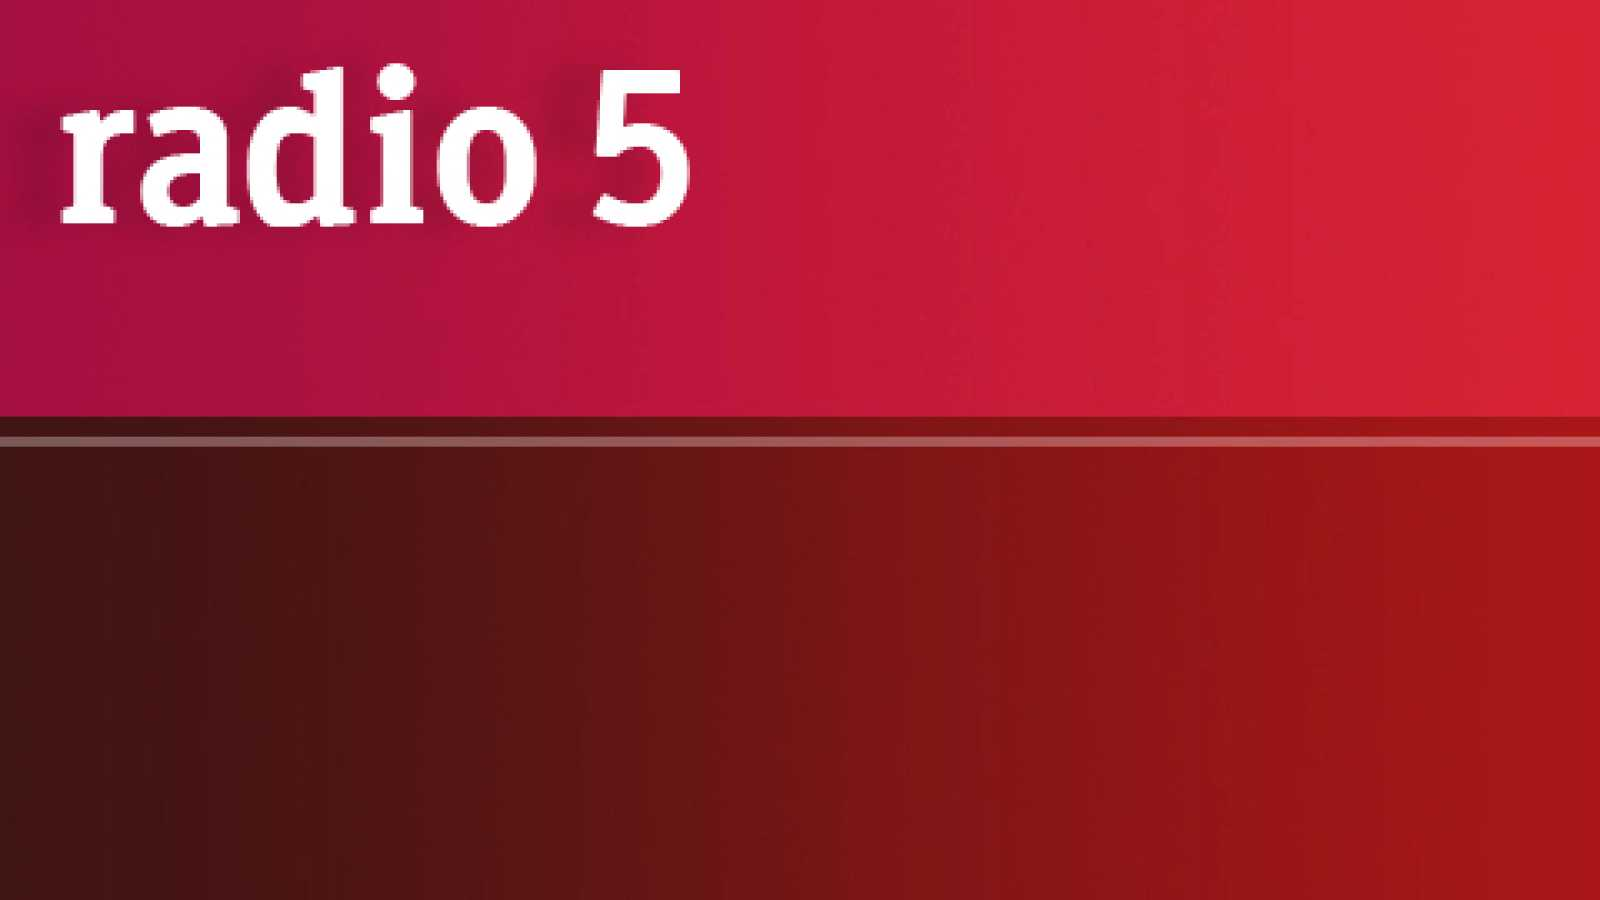 Reportajes en Radio-5 - Aula del Bosque El Amogable - 23/03/21 - Escuchar ahora